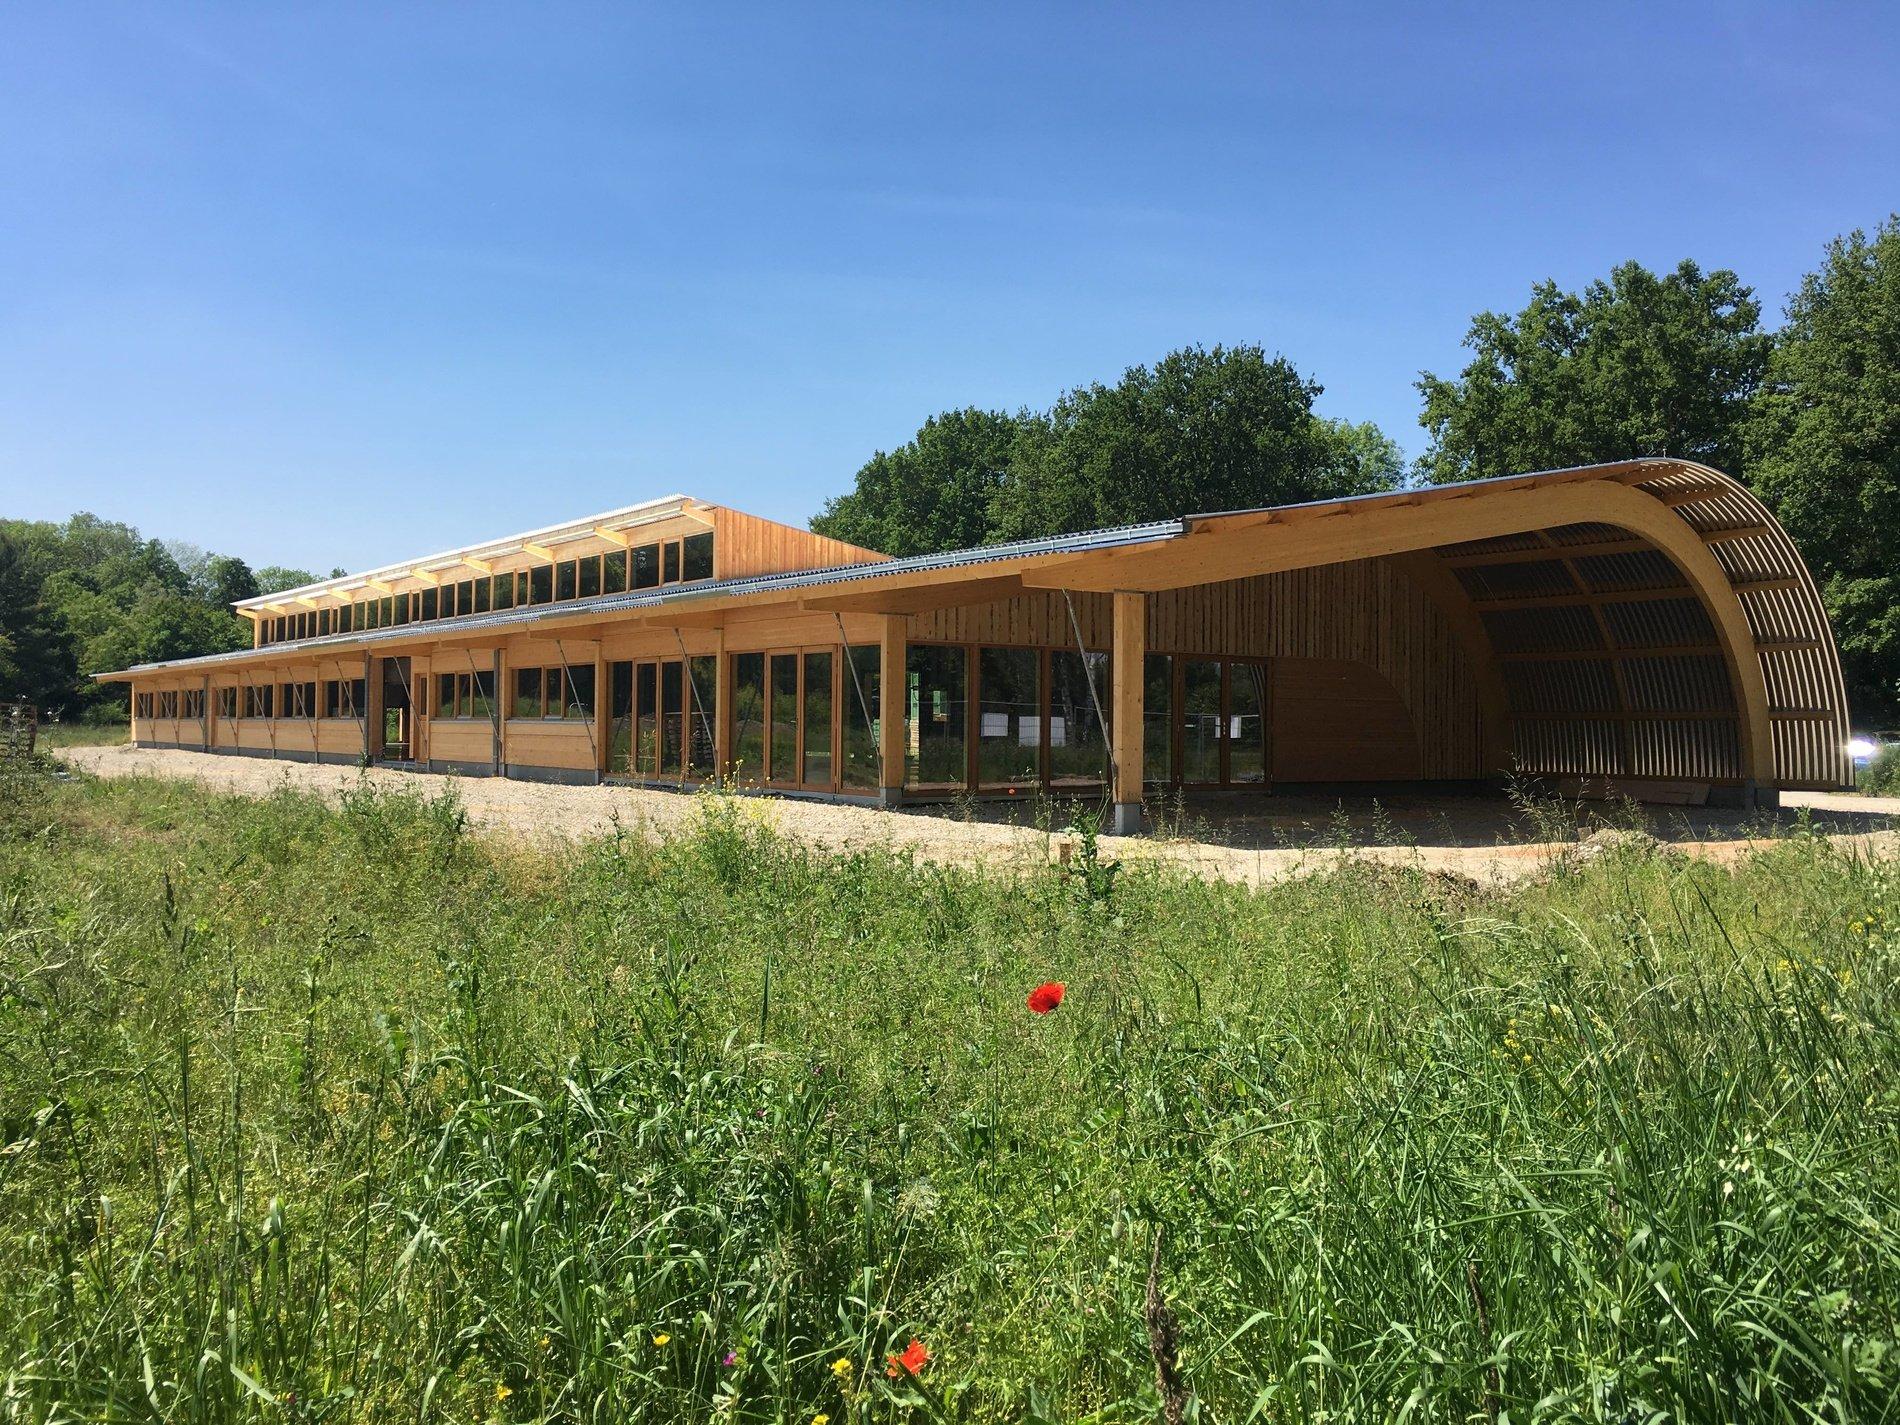 Le hangar bioclimatique en bois d'une exploitation maraîchère en agriculture biologique